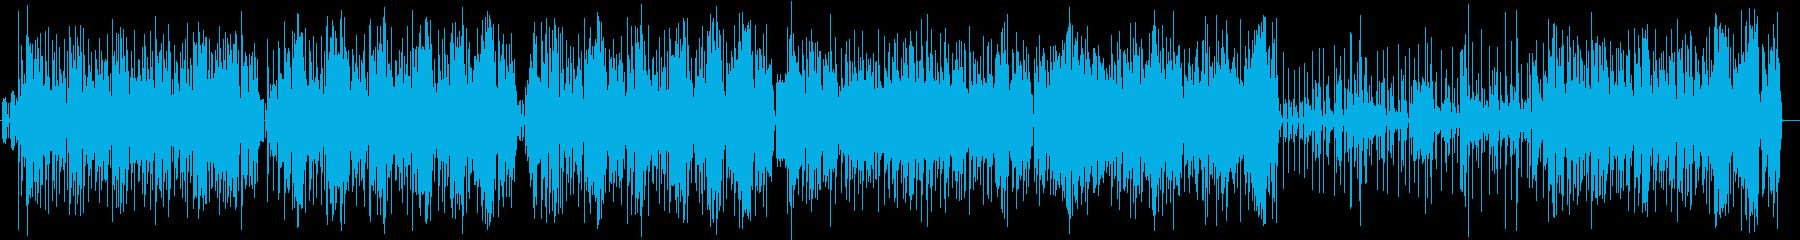 ファンキーな60年代のサウンド。ブ...の再生済みの波形